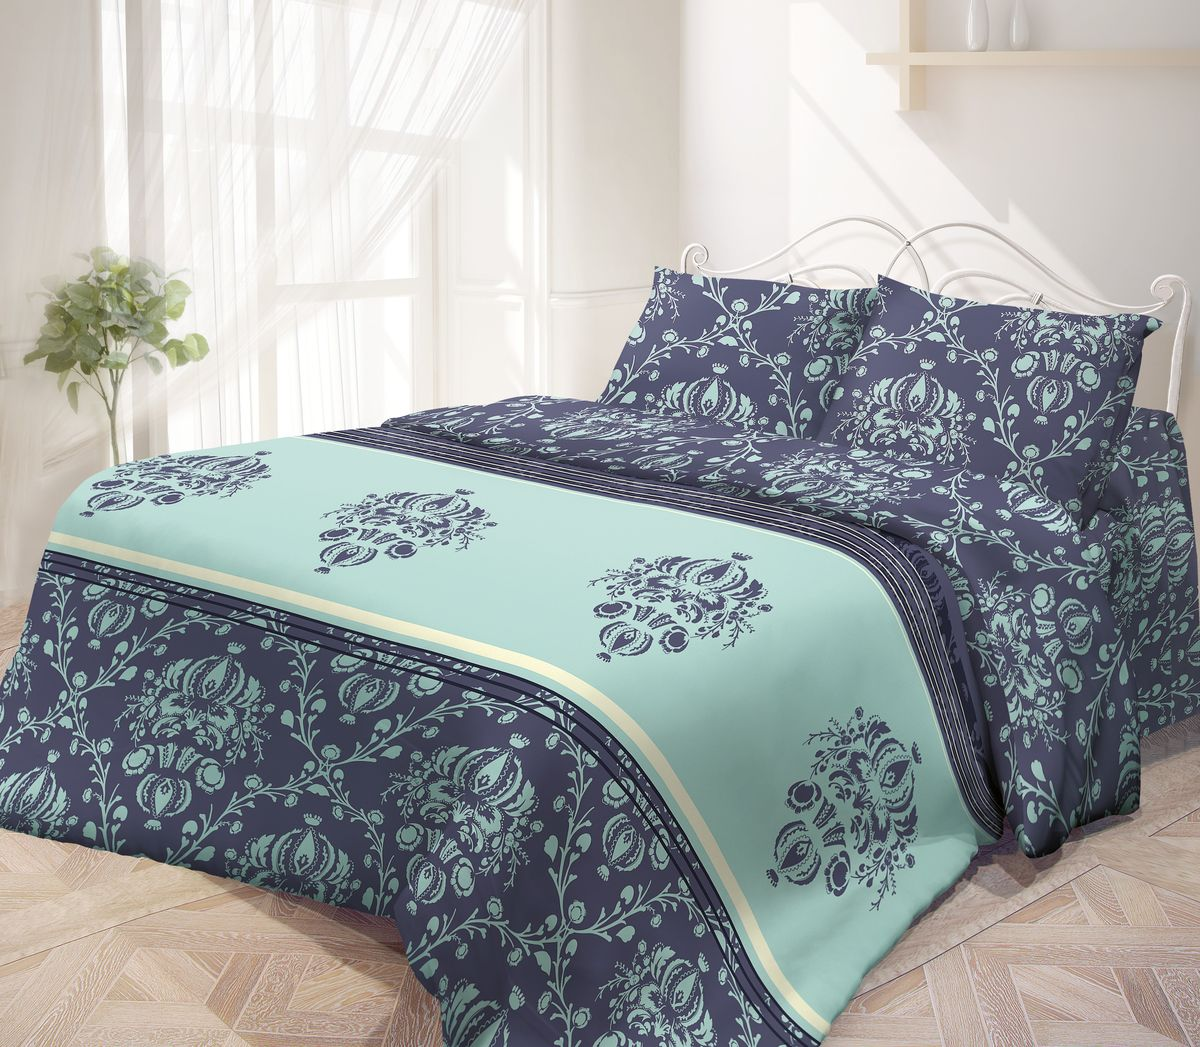 Комплект белья Гармония, евро, наволочки 70х70, цвет: темно-синий, голубойCLP446Комплект постельного белья Гармония является экологически безопасным, так как выполнен из поплина (100% хлопка). Комплект состоит из пододеяльника, простыни и двух наволочек. Постельное белье оформлено красивым орнаментом и имеет изысканный внешний вид. Постельное белье Гармония - лучший выбор для современной хозяйки! Его отличают демократичная цена и отличное качество. Поплин мягкий и приятный на ощупь. Кроме того, эта ткань не требует особого ухода, легко стирается и прекрасно держит форму. Высококачественные красители, которые используются при производстве постельного белья, сохраняют свой цвет даже после многочисленных стирок.